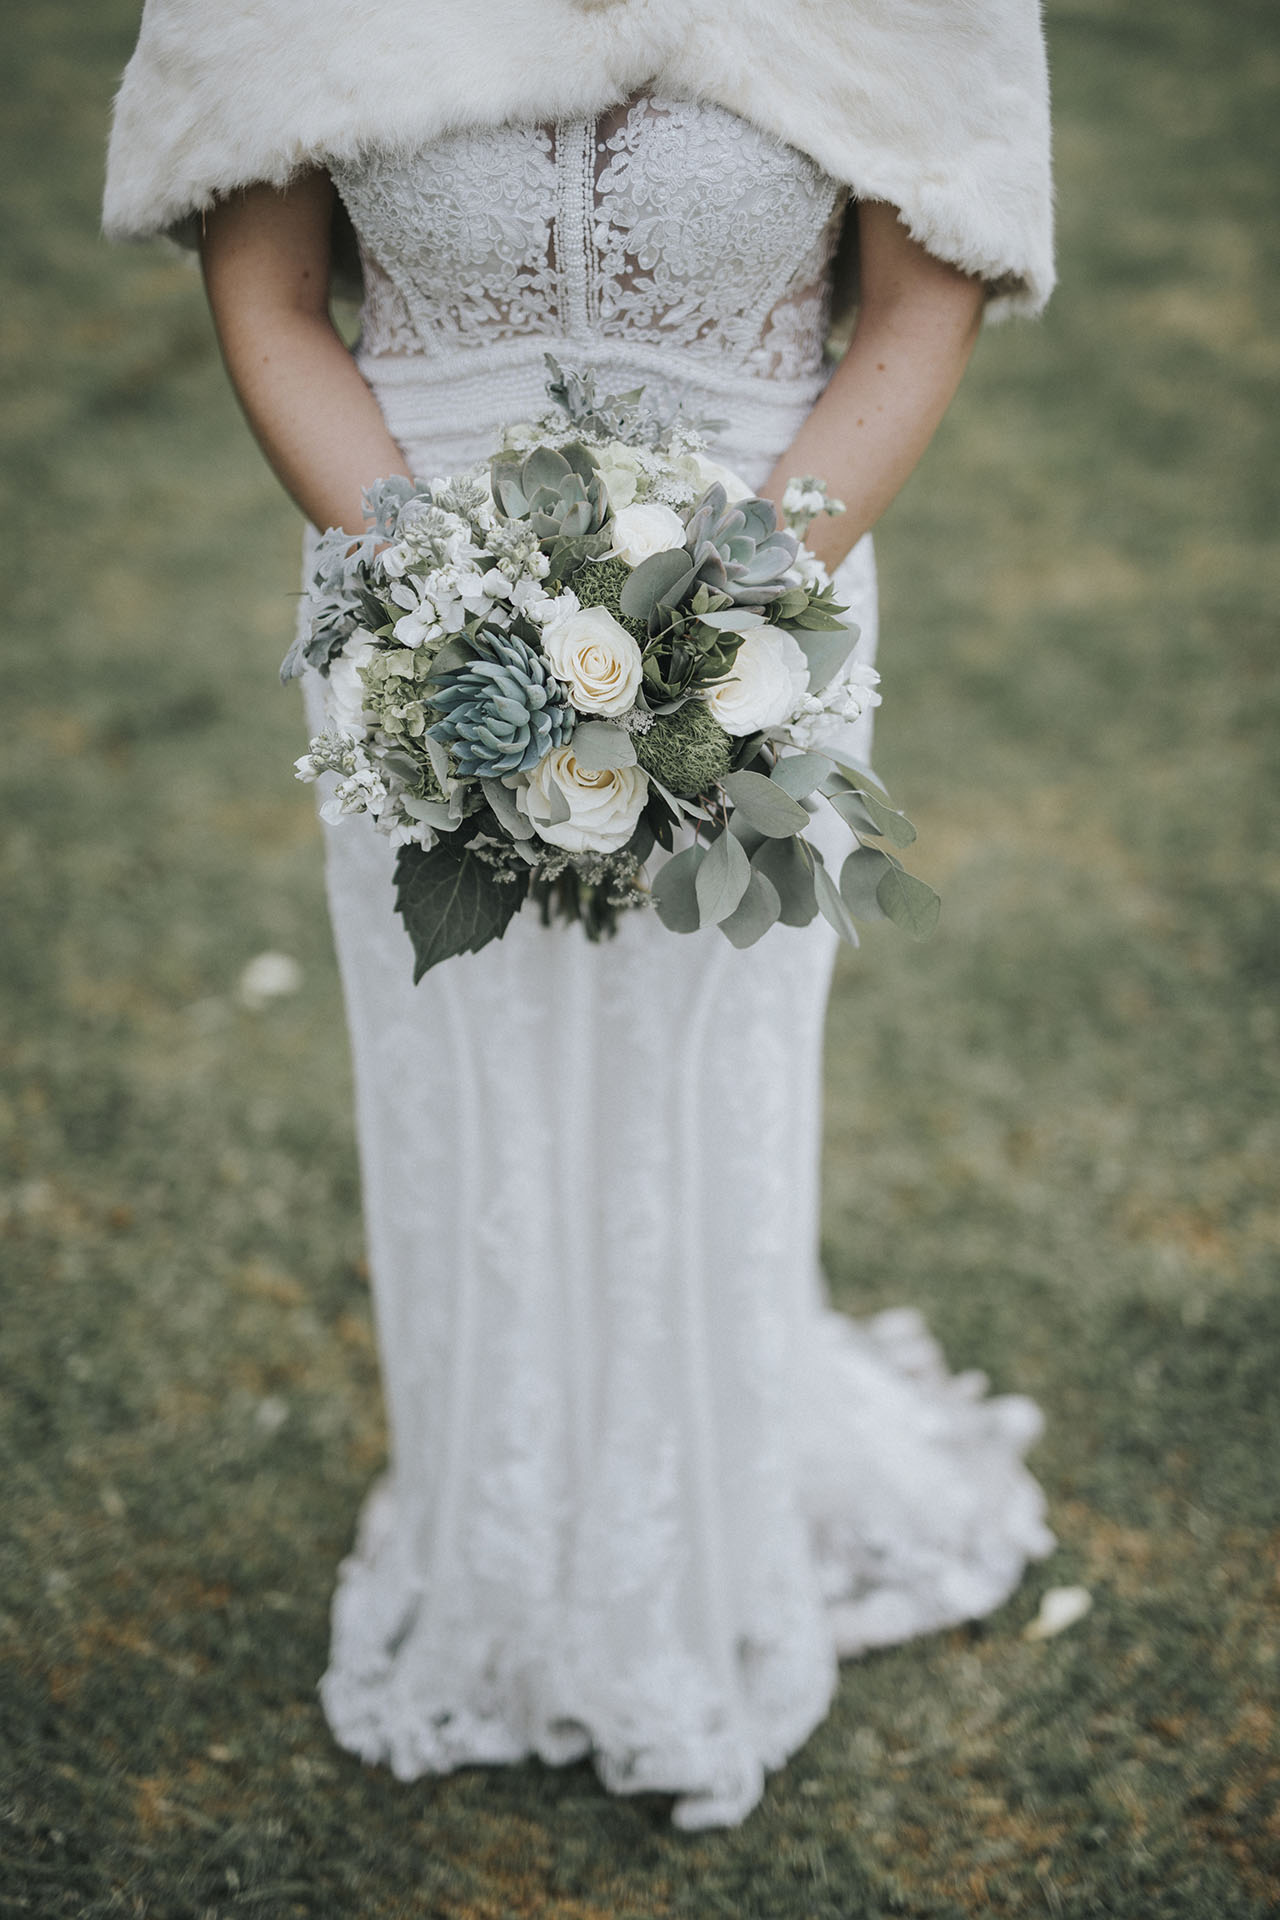 julieth-bravo-wedding-planner-bogota-miami-vestido-novia.jpg